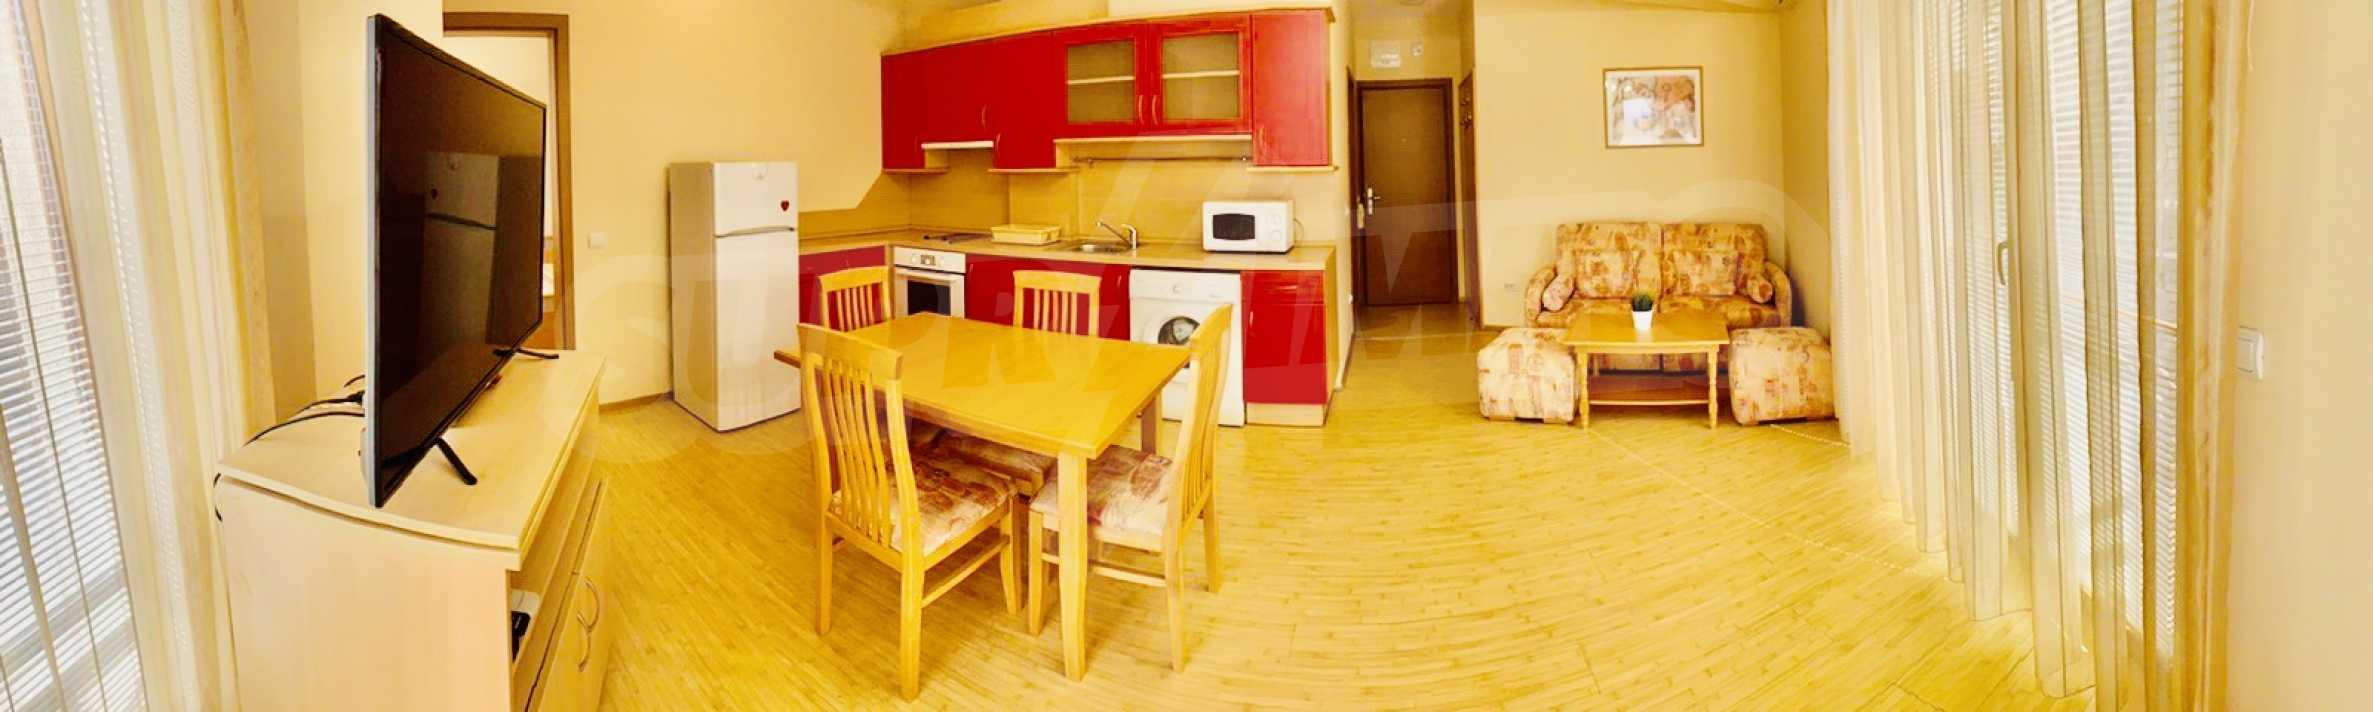 Ein-Zimmer-Wohnung zu vermieten im Zentrum von Veliko Tarnovo 2